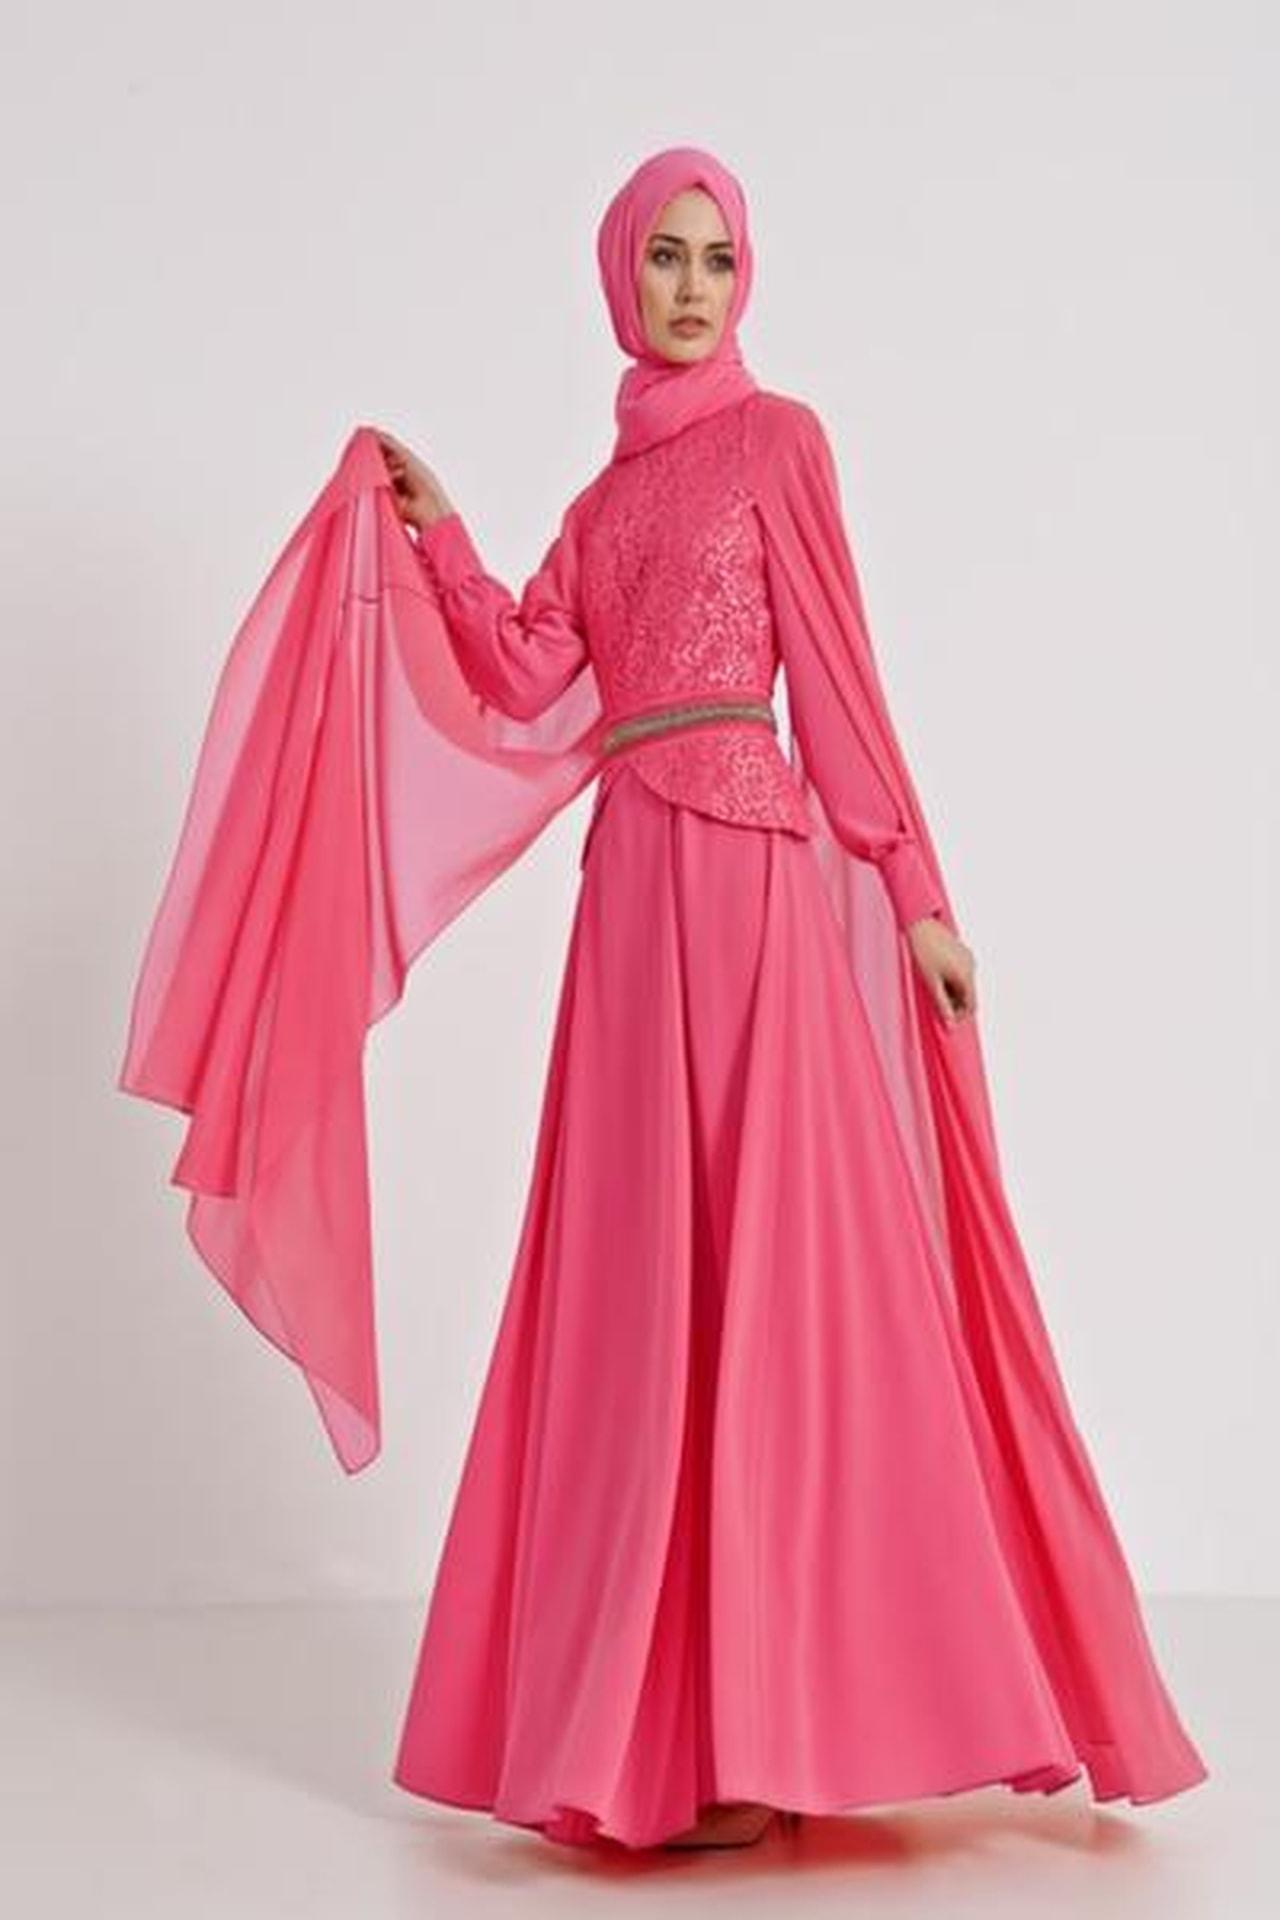 صورة فساتين تركية للمحجبات , اجمل موديلات لفستان تركي روعة 969 6